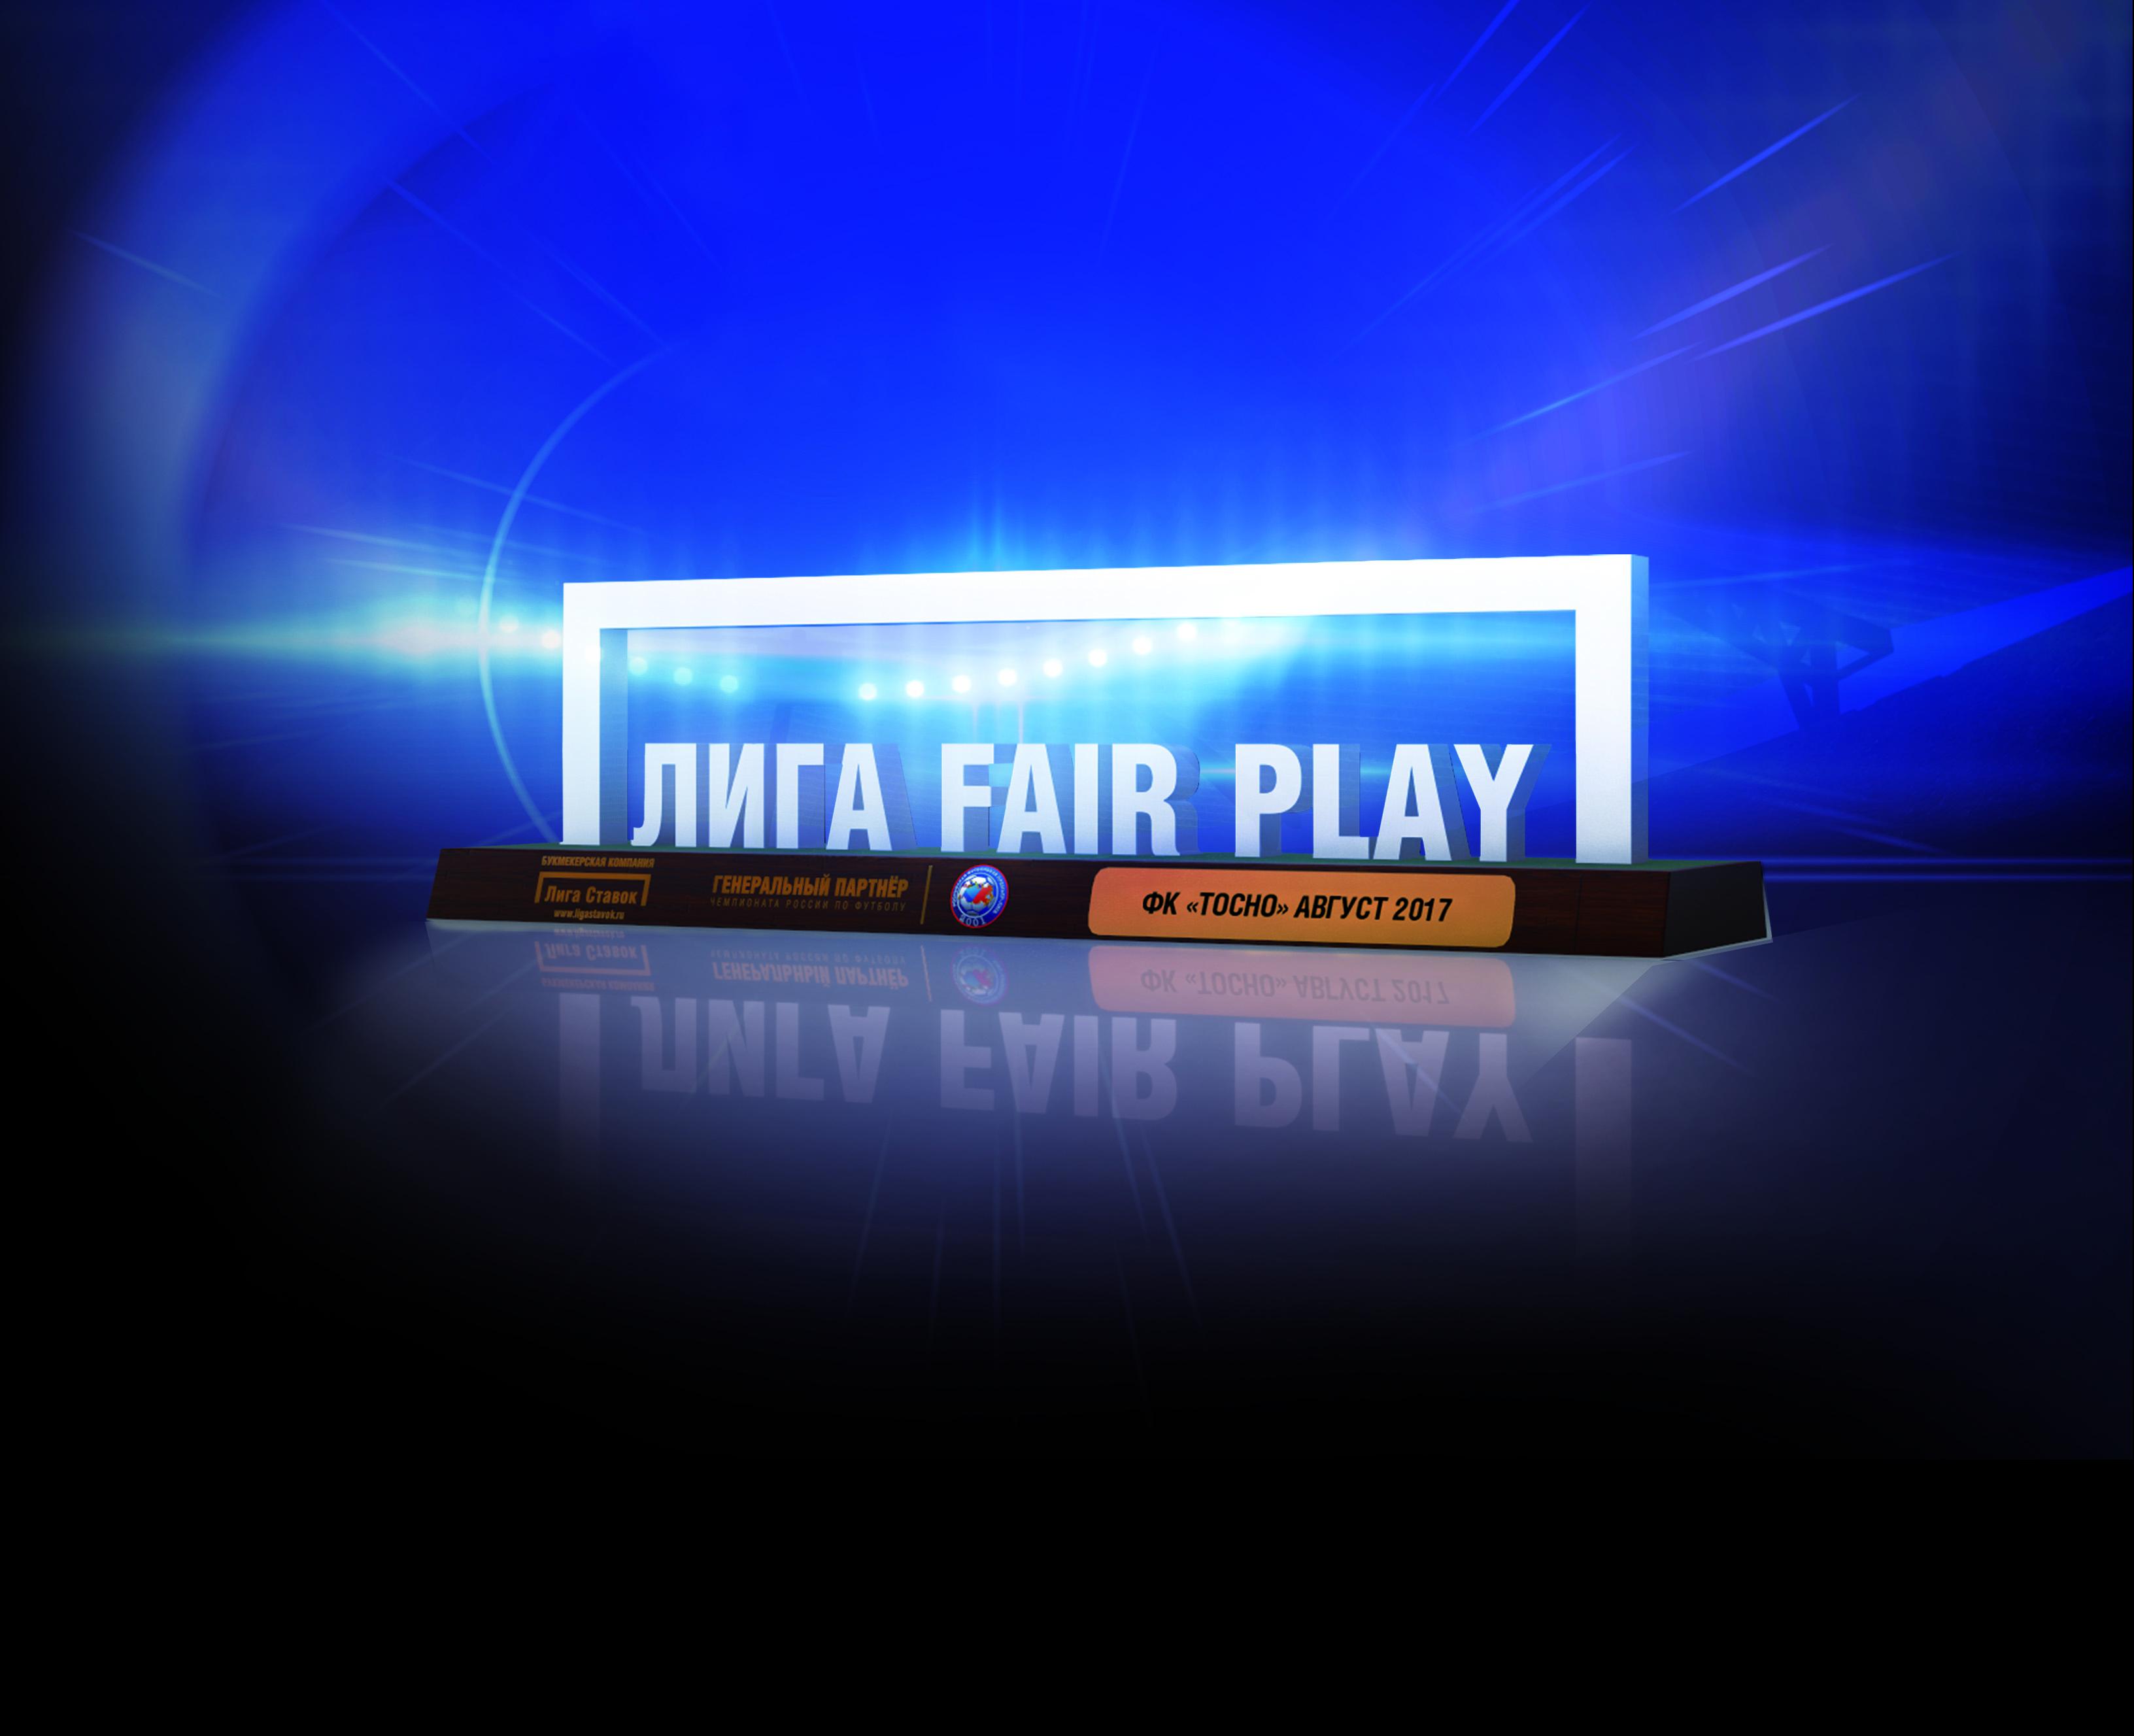 ФК «Тосно» - обладатель премии «Лига Fair Play»